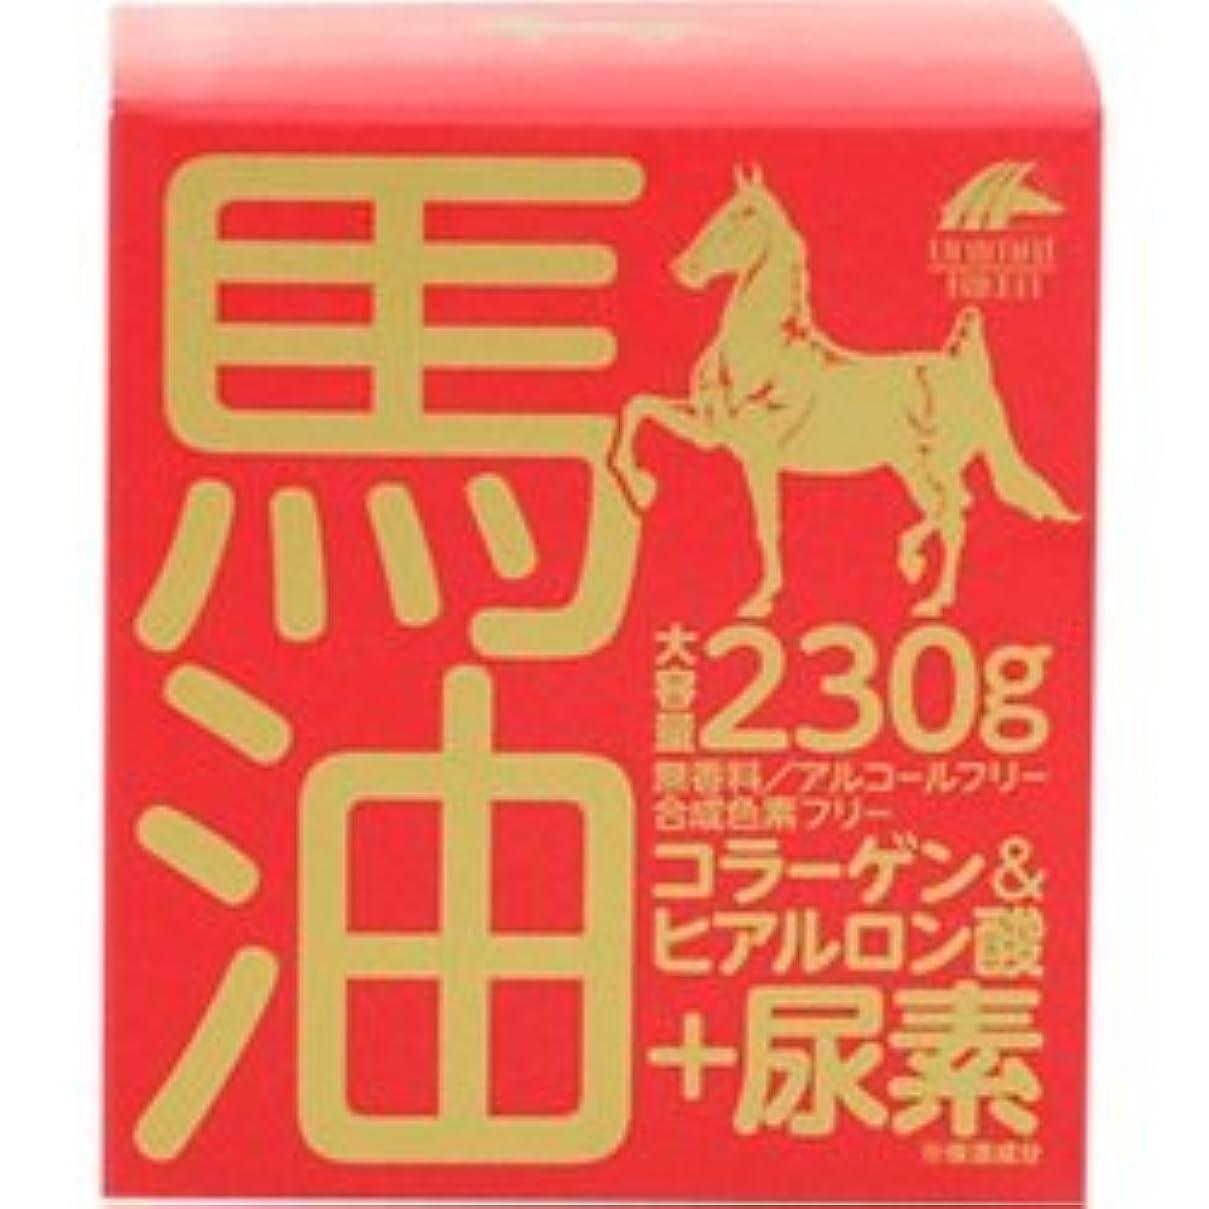 もつれ予知七時半【ユニマットリケン】馬油クリーム+尿素 230g ×10個セット